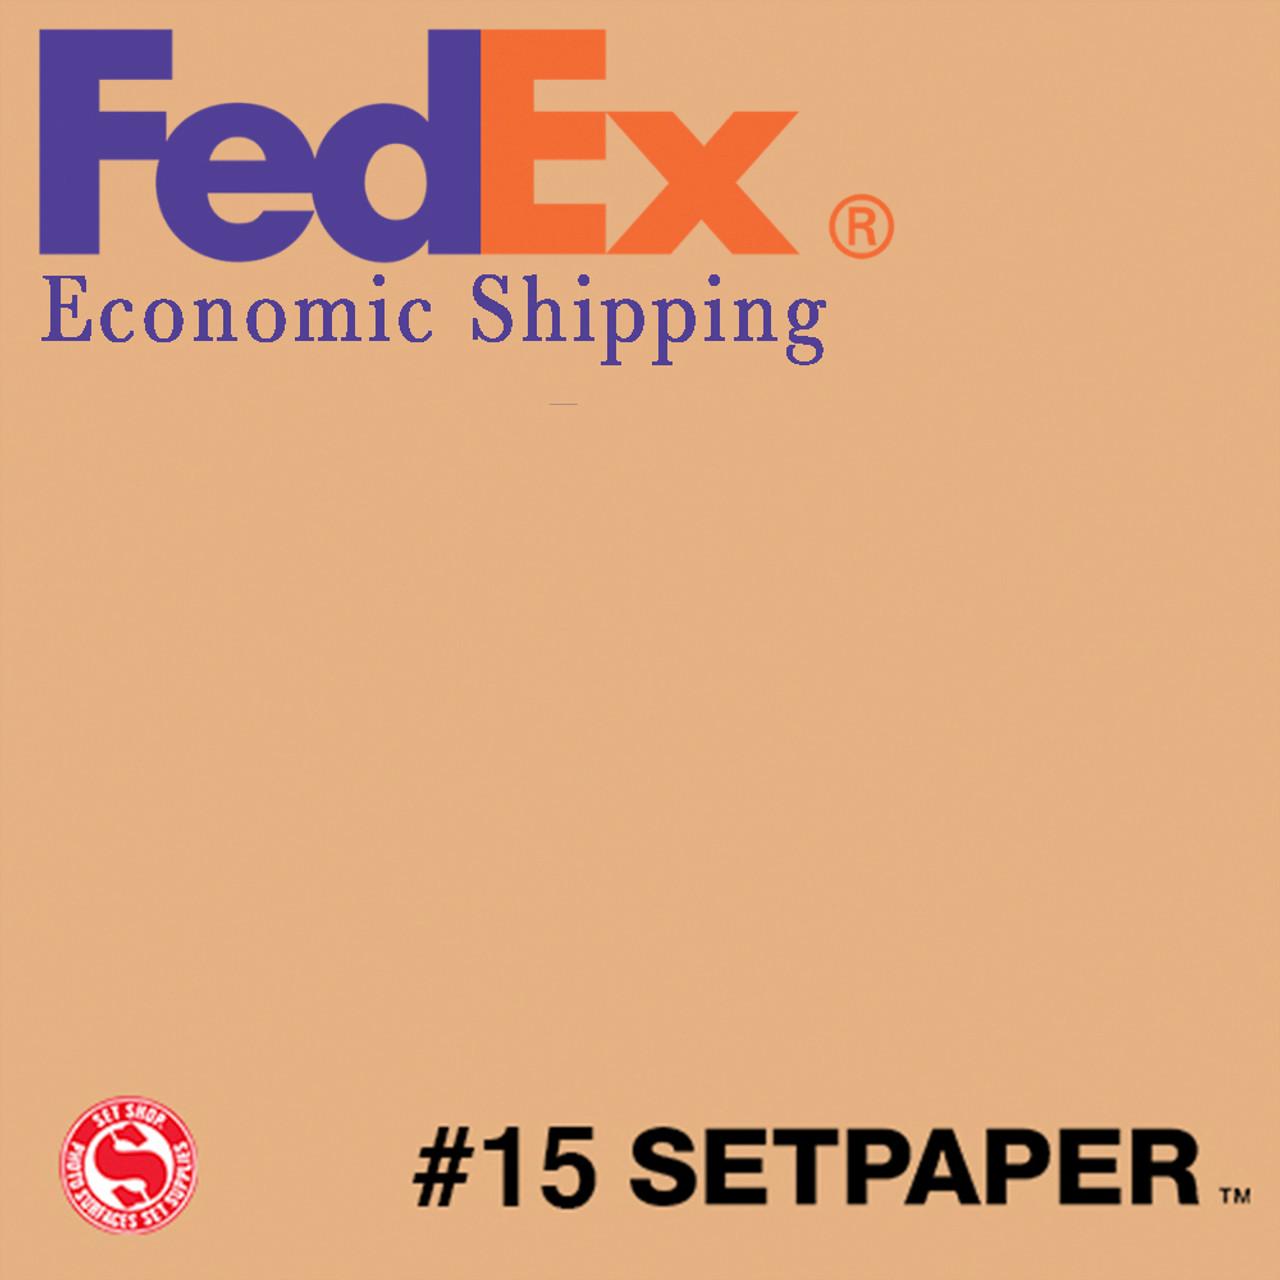 """(ECONOMIC SHIPPING) SETPAPER - TAN 48"""" x 36 (1.2 x 11m)"""